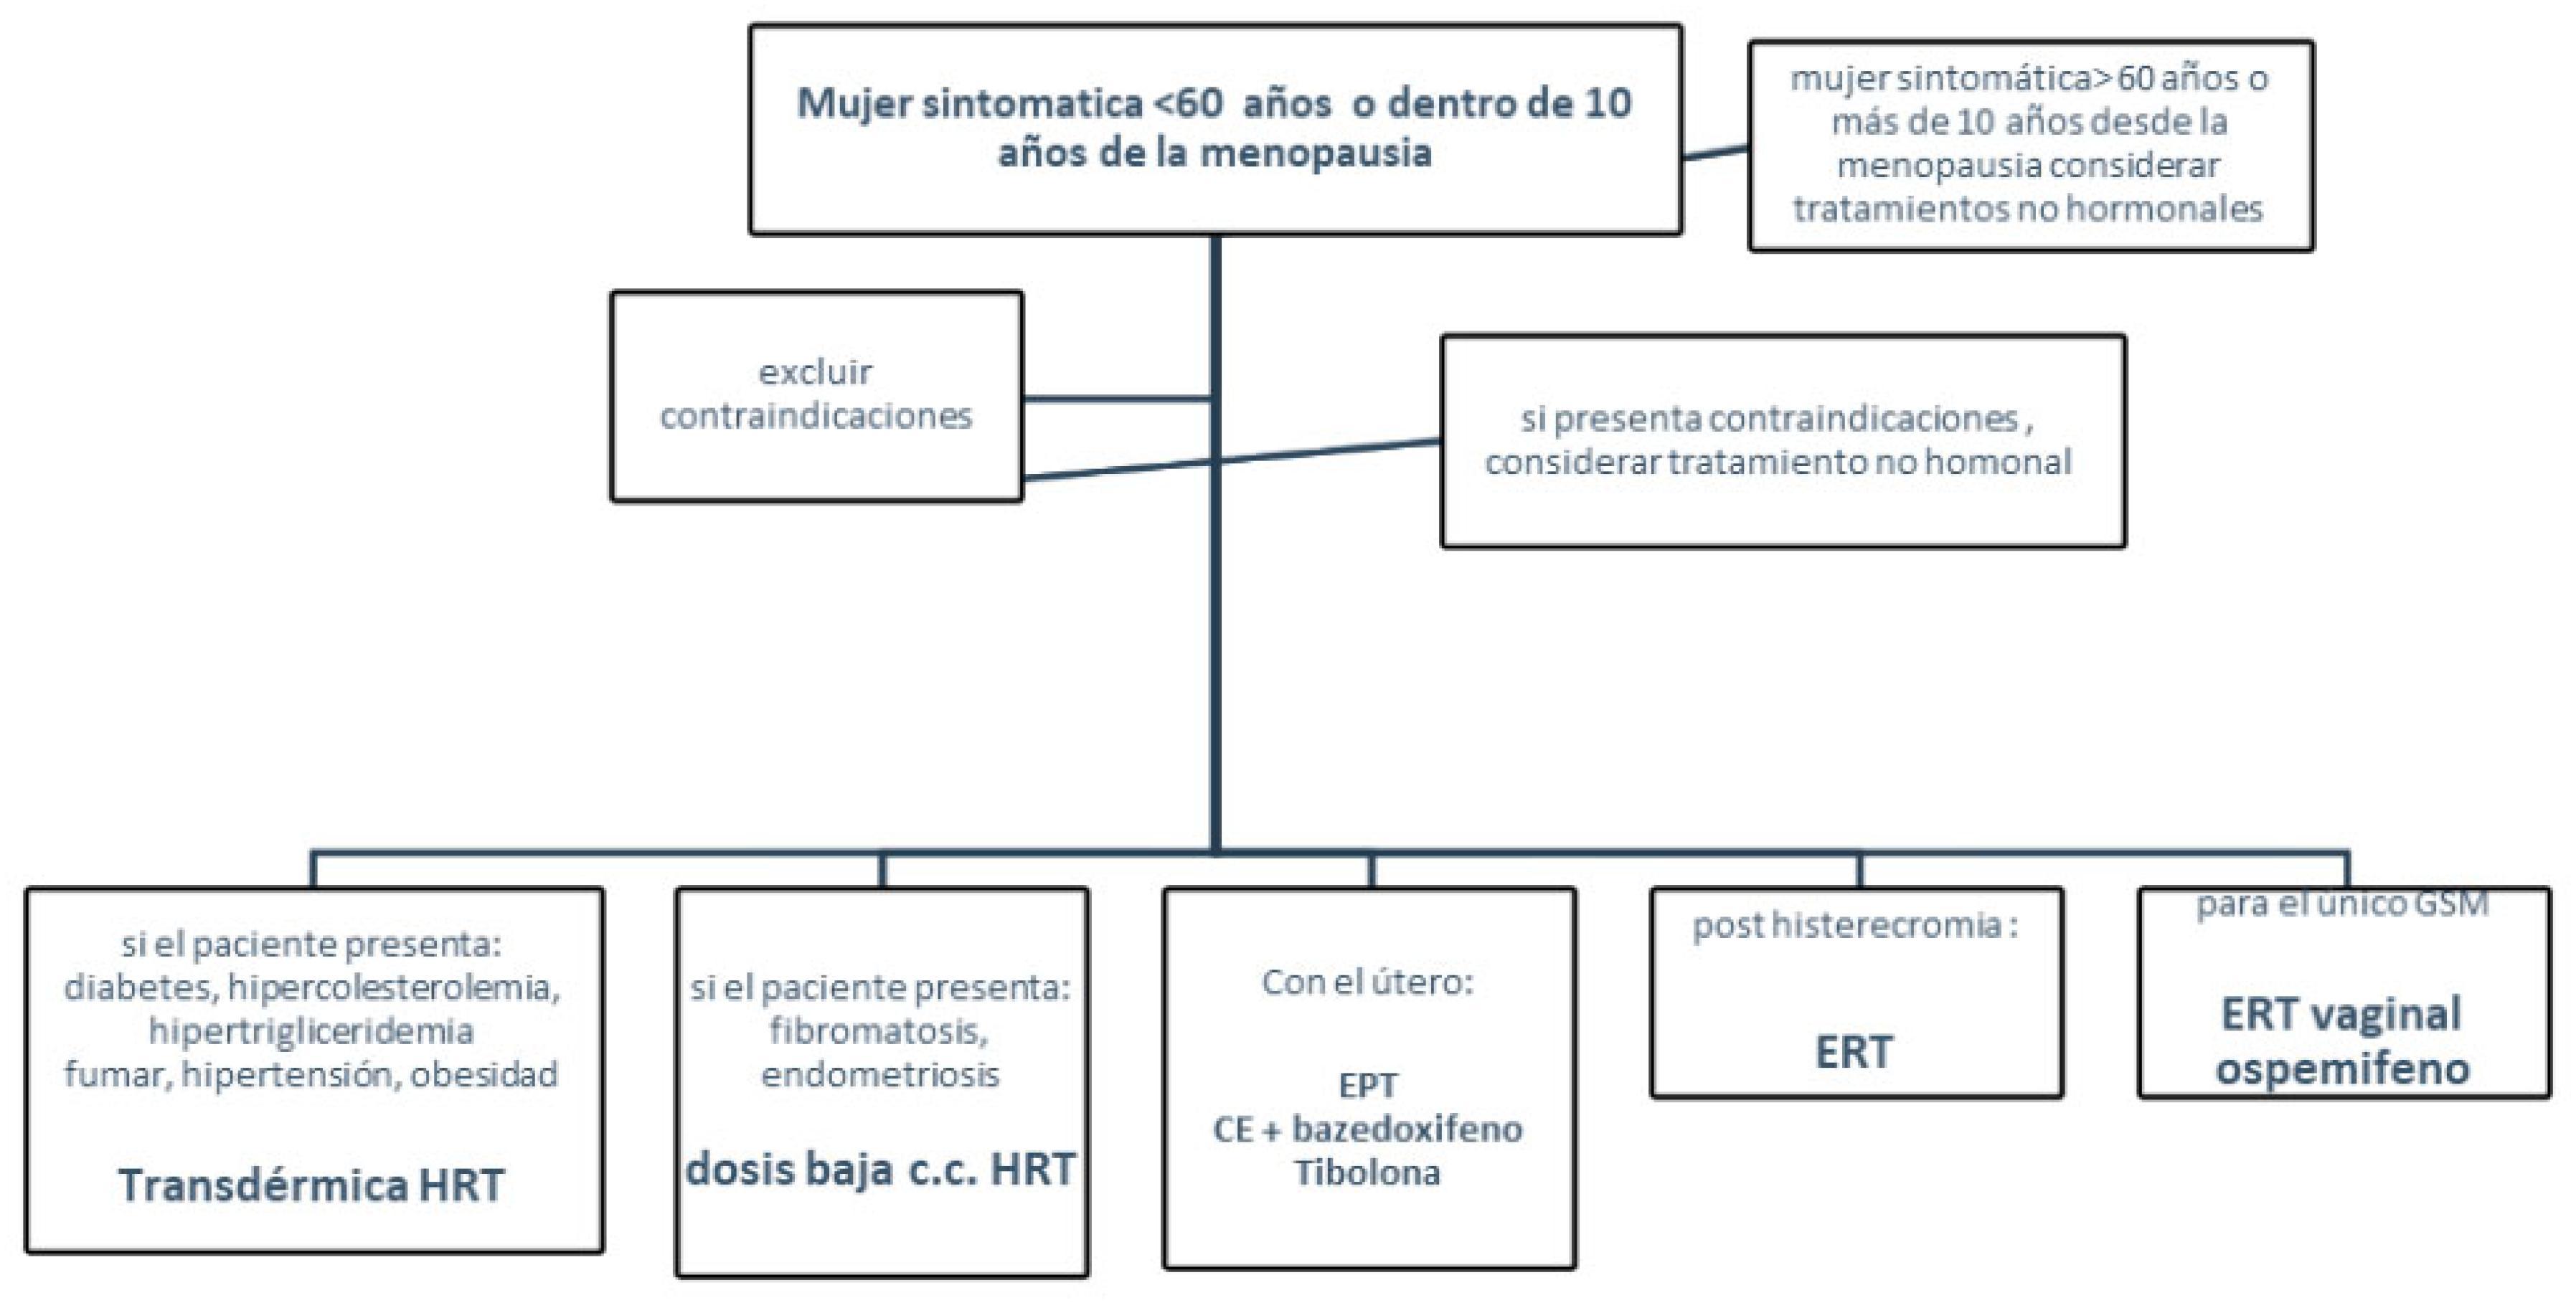 diagnostico de menopausia pdf